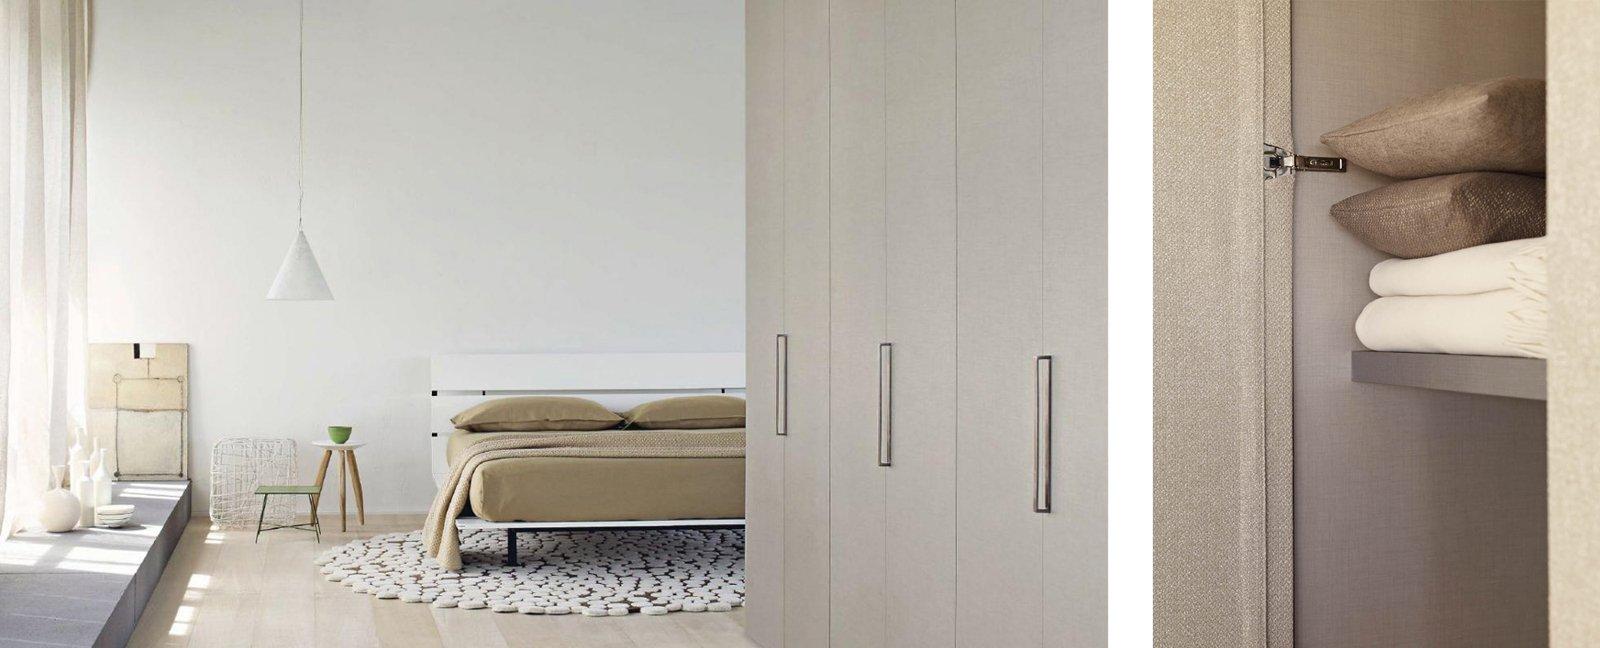 Armadi lo stile organizza lo spazio cose di casa for Camminare nelle planimetrie dell armadio